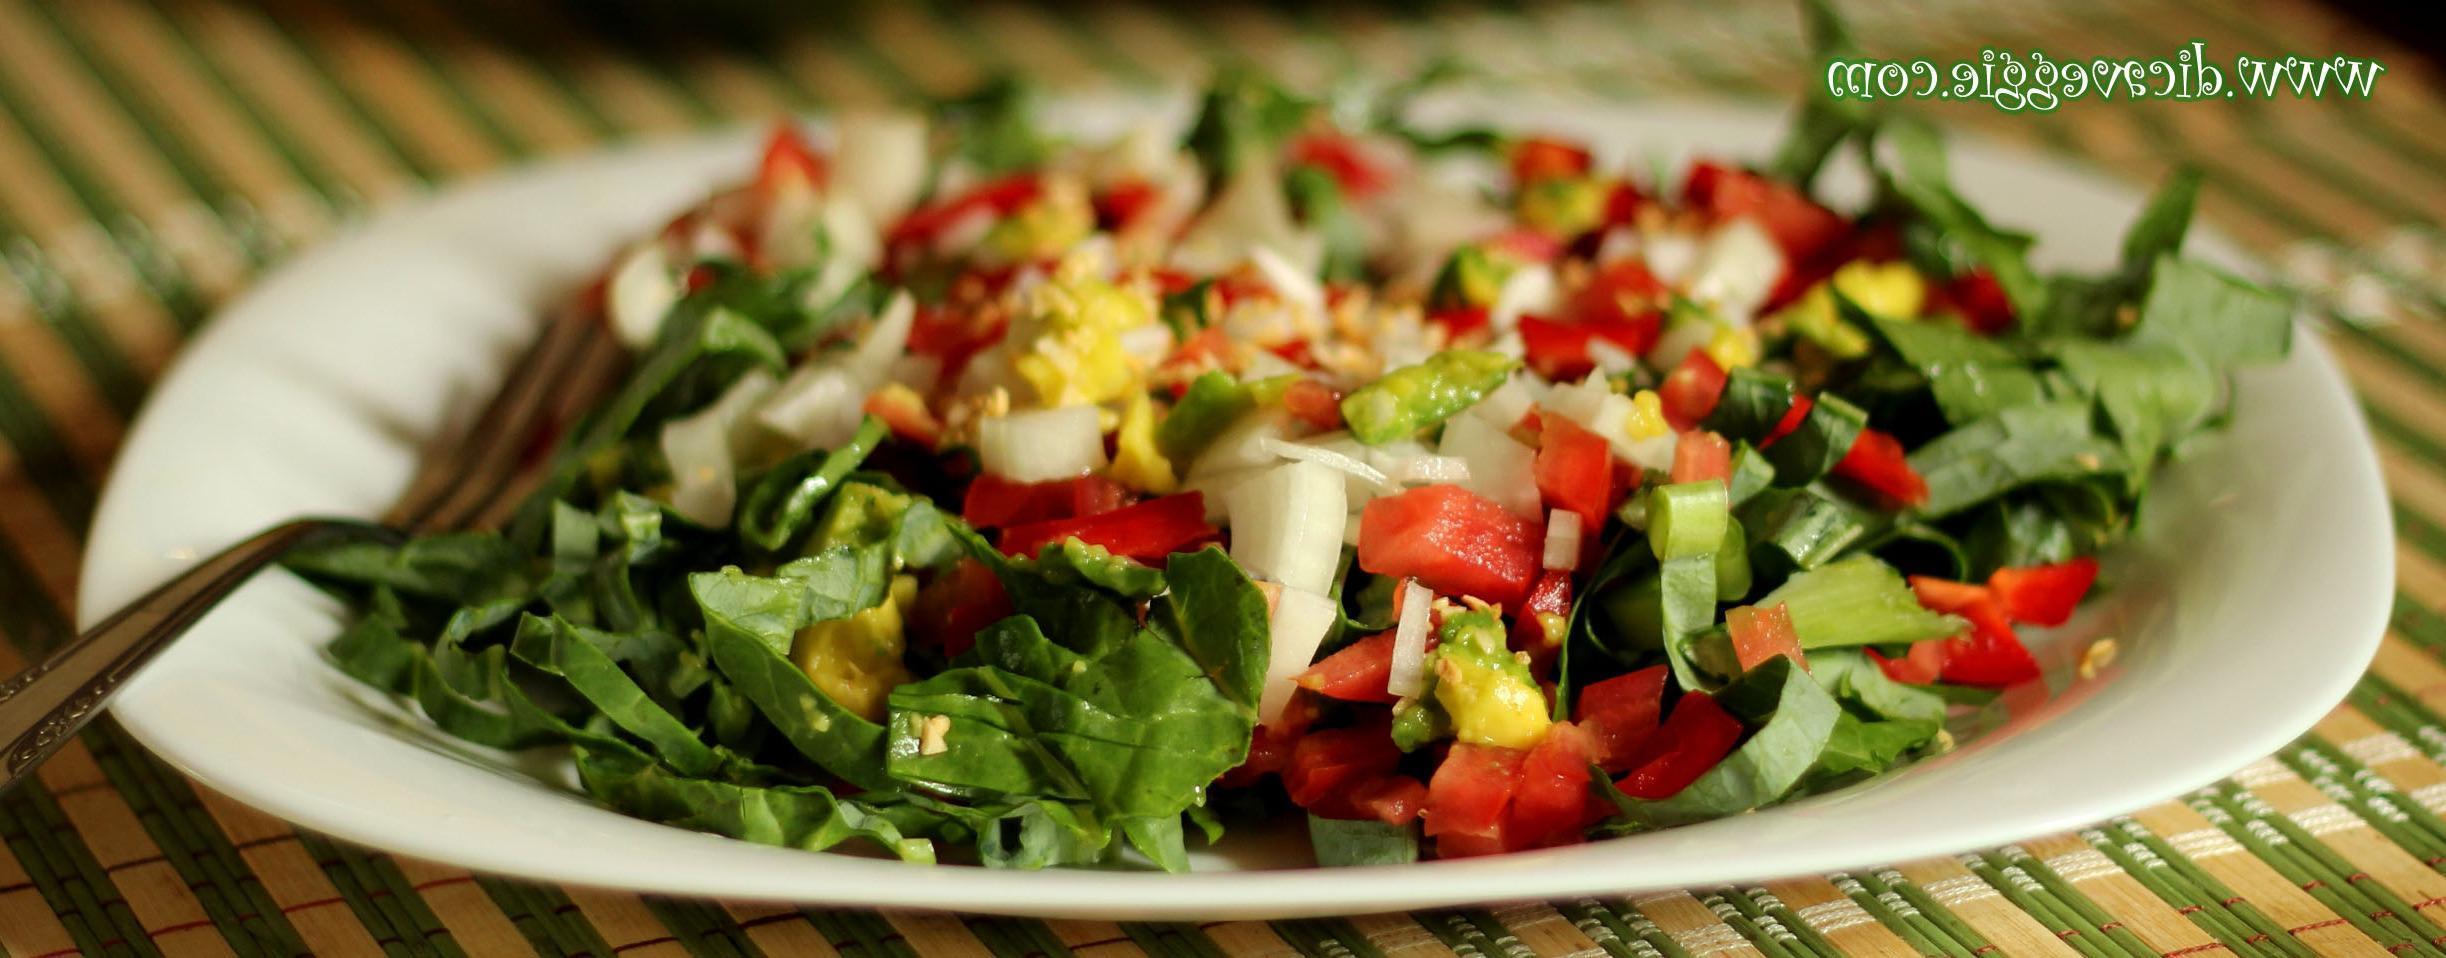 Salada Light de Laranja e Legumes